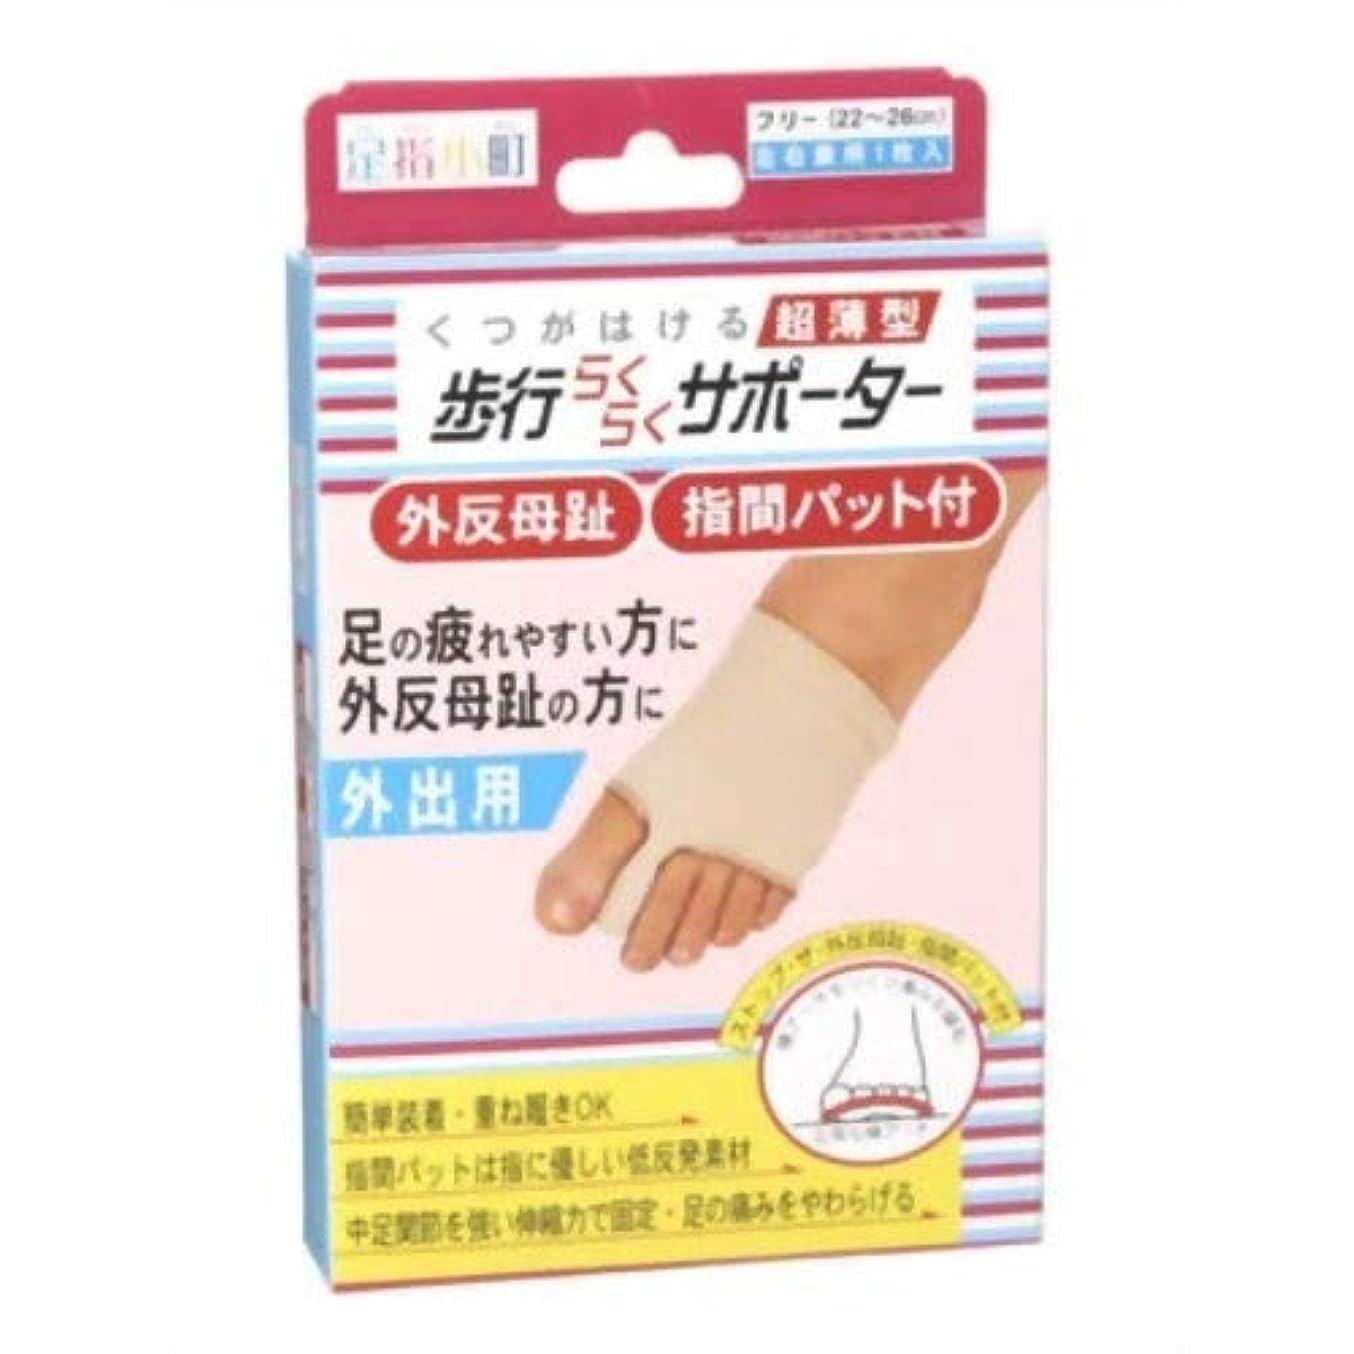 リーフレット療法目指す足指小町歩行らくらくサポーター指間パット付 ×3個セット